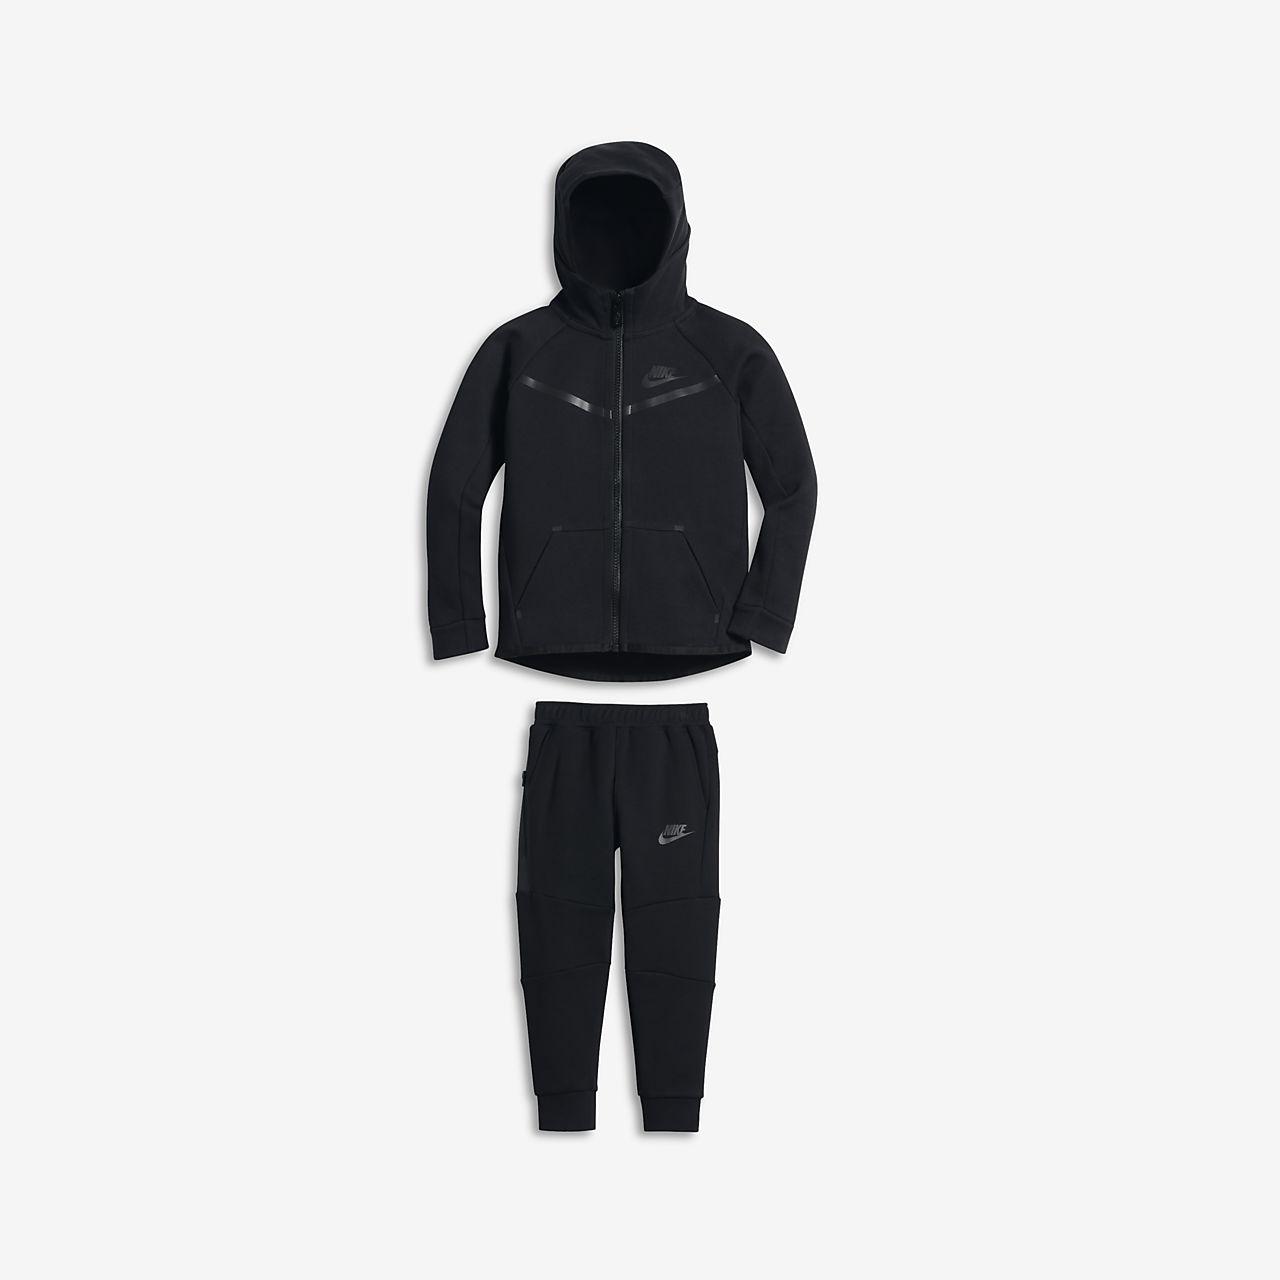 Σετ 2 τεμαχίων Nike Tech Fleece για νήπια